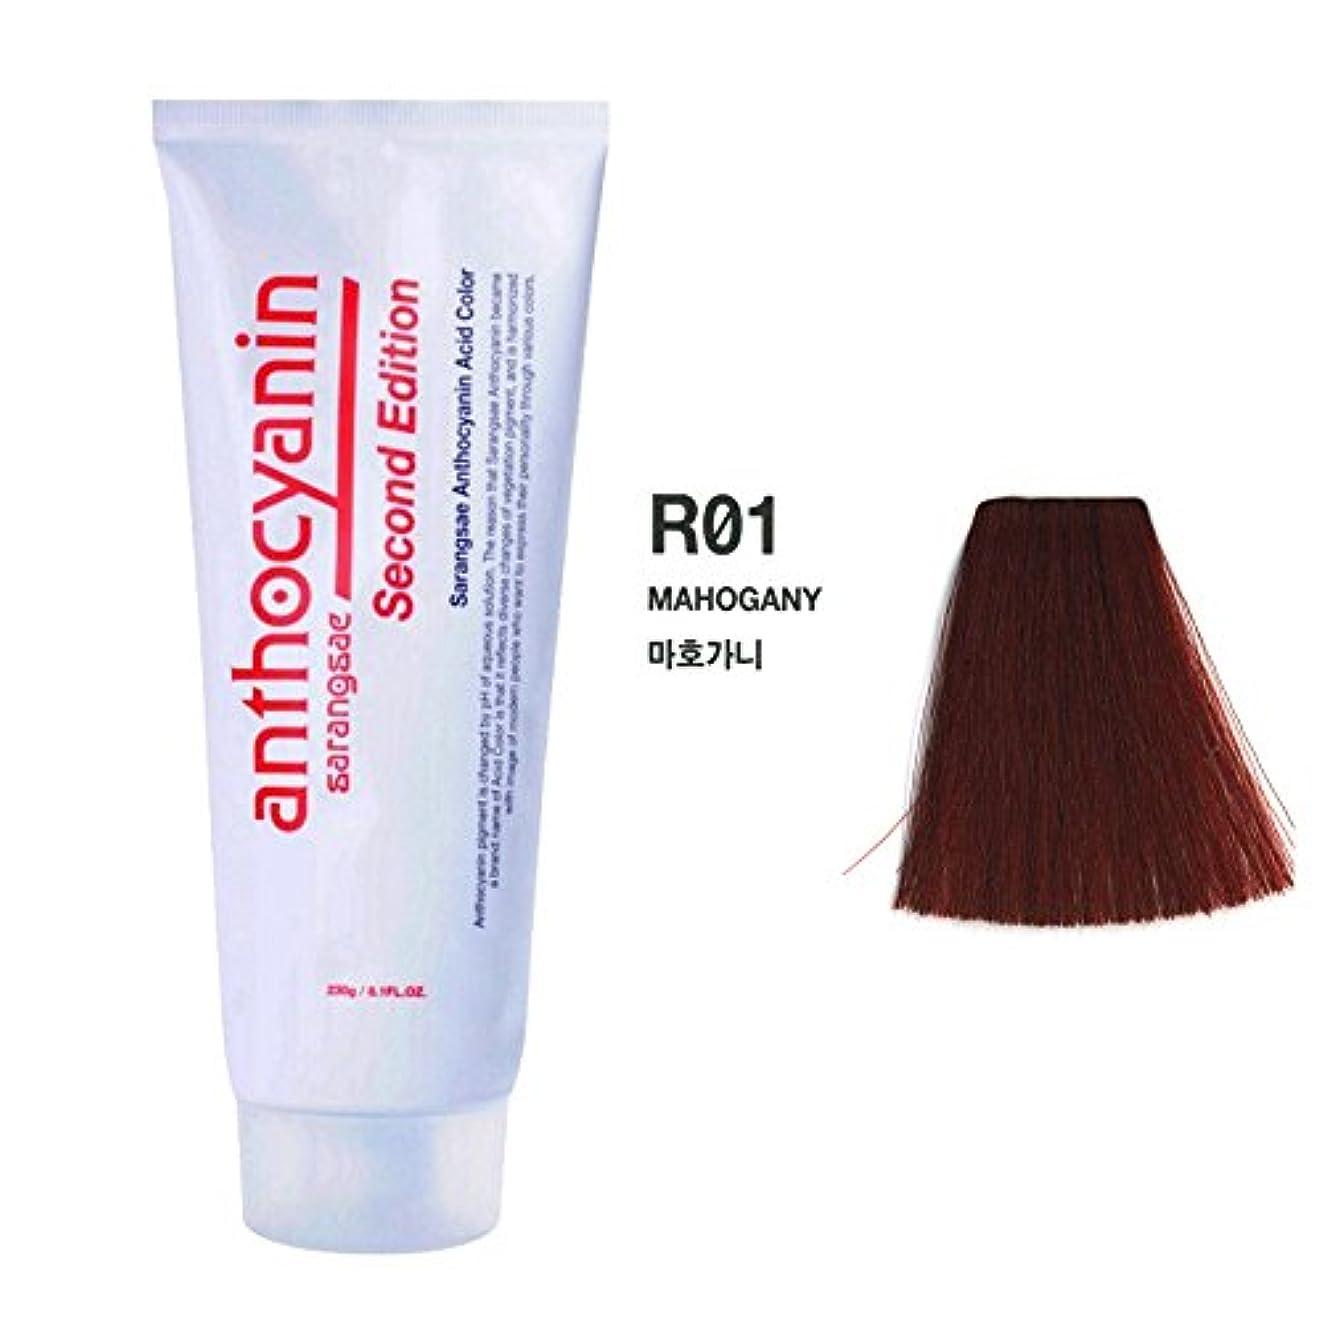 車両割り当て故障中ヘア マニキュア カラー セカンド エディション 230g セミ パーマネント 染毛剤 ( Hair Manicure Color Second Edition 230g Semi Permanent Hair Dye) [並行輸入品] (R01 Mahogany)